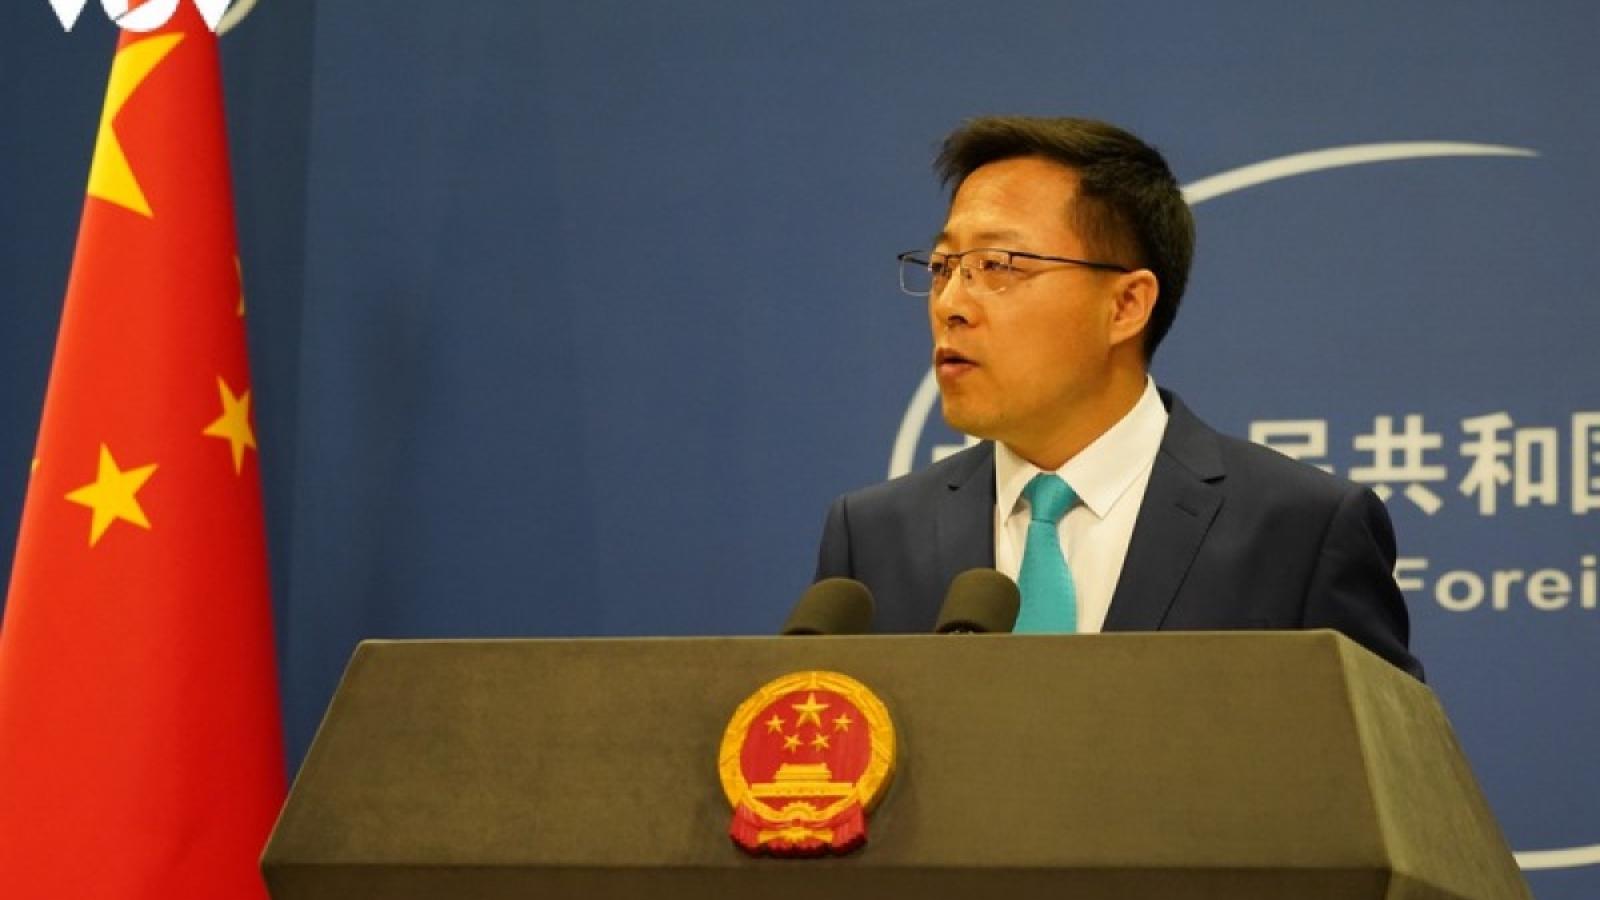 Quan hệ Trung Quốc - ASEAN là quan hệ có sức sống nhất